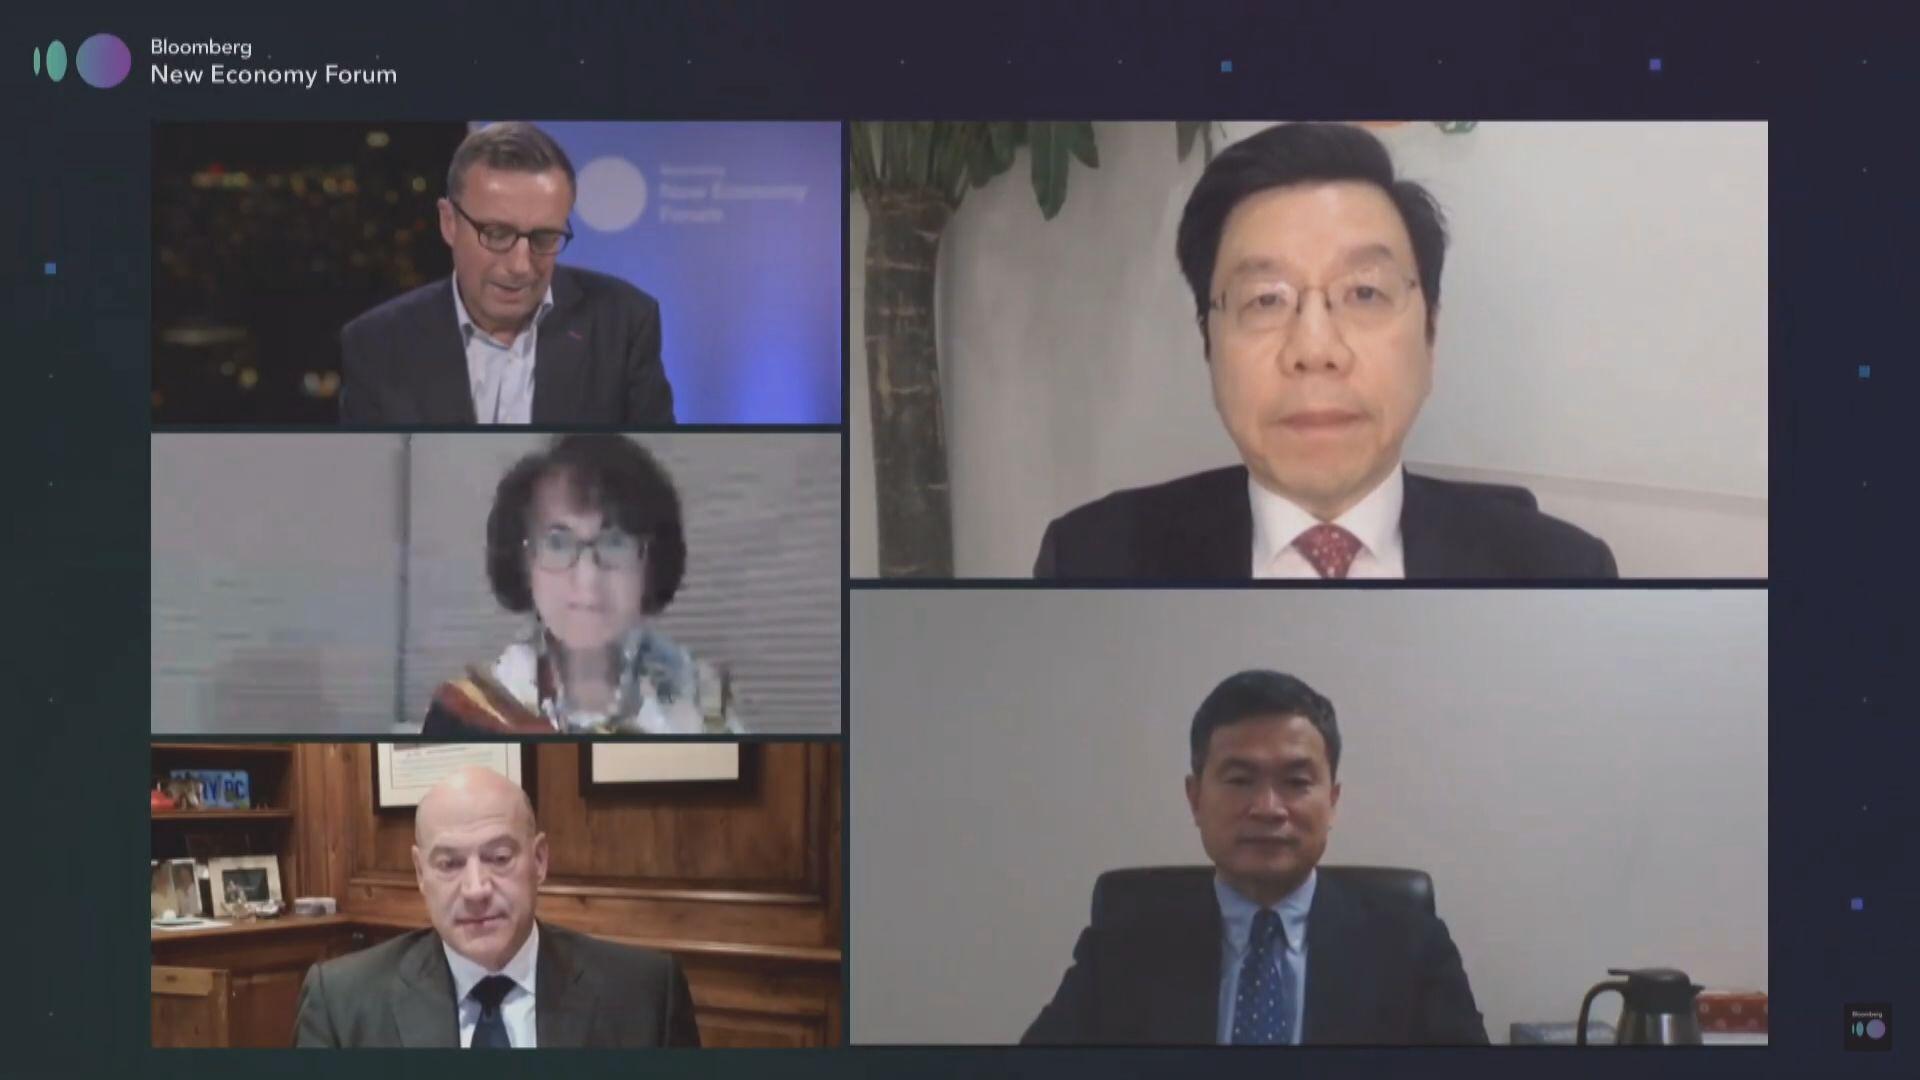 多國政商領袖參與彭博創新經濟論壇 中美關係成焦點